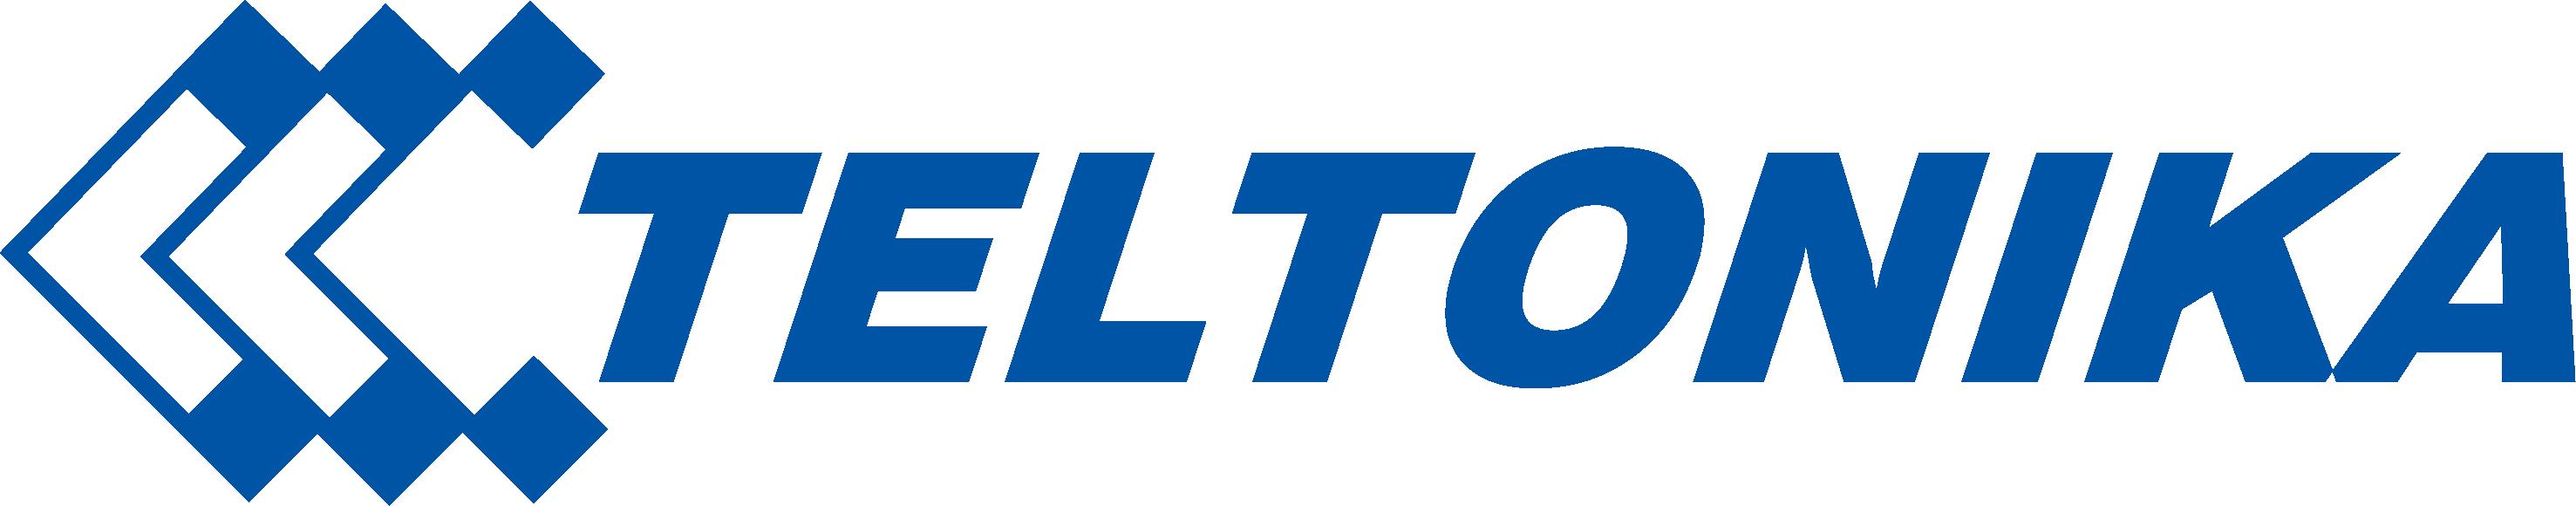 Teltonika-logotipas